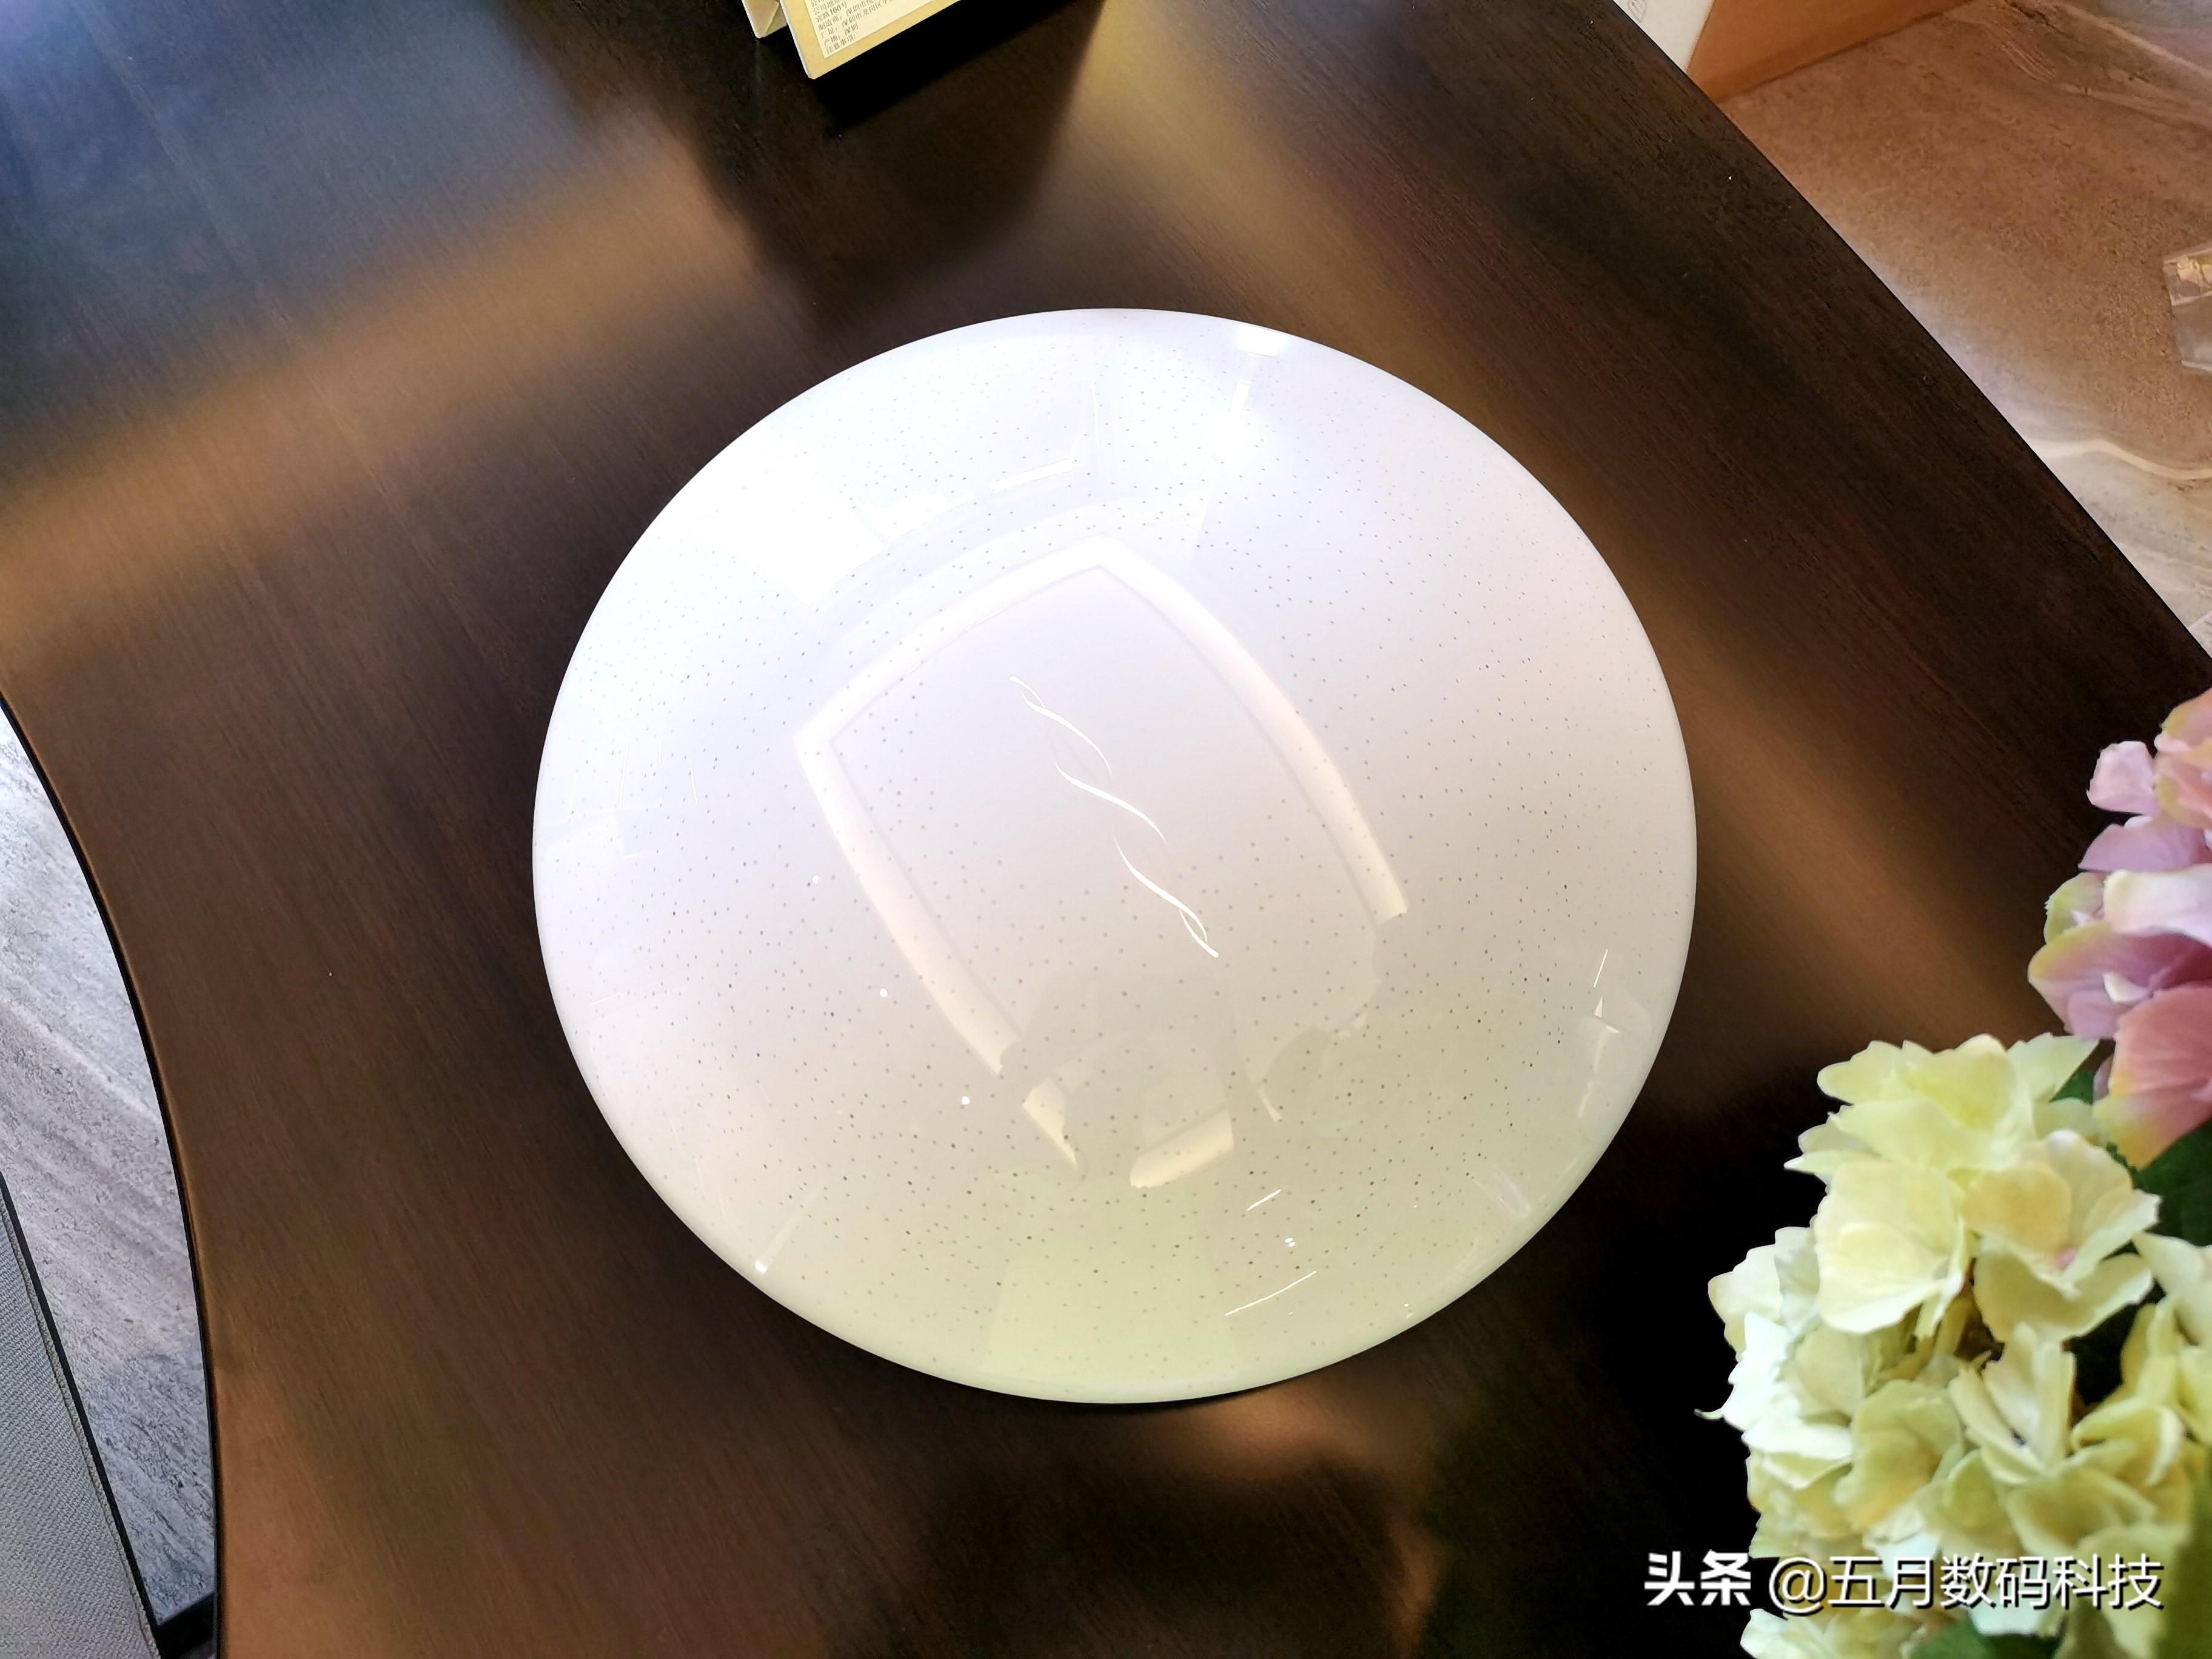 达伦吸顶灯,支持华为HiLink智能操控,暖入心田,光芒四射